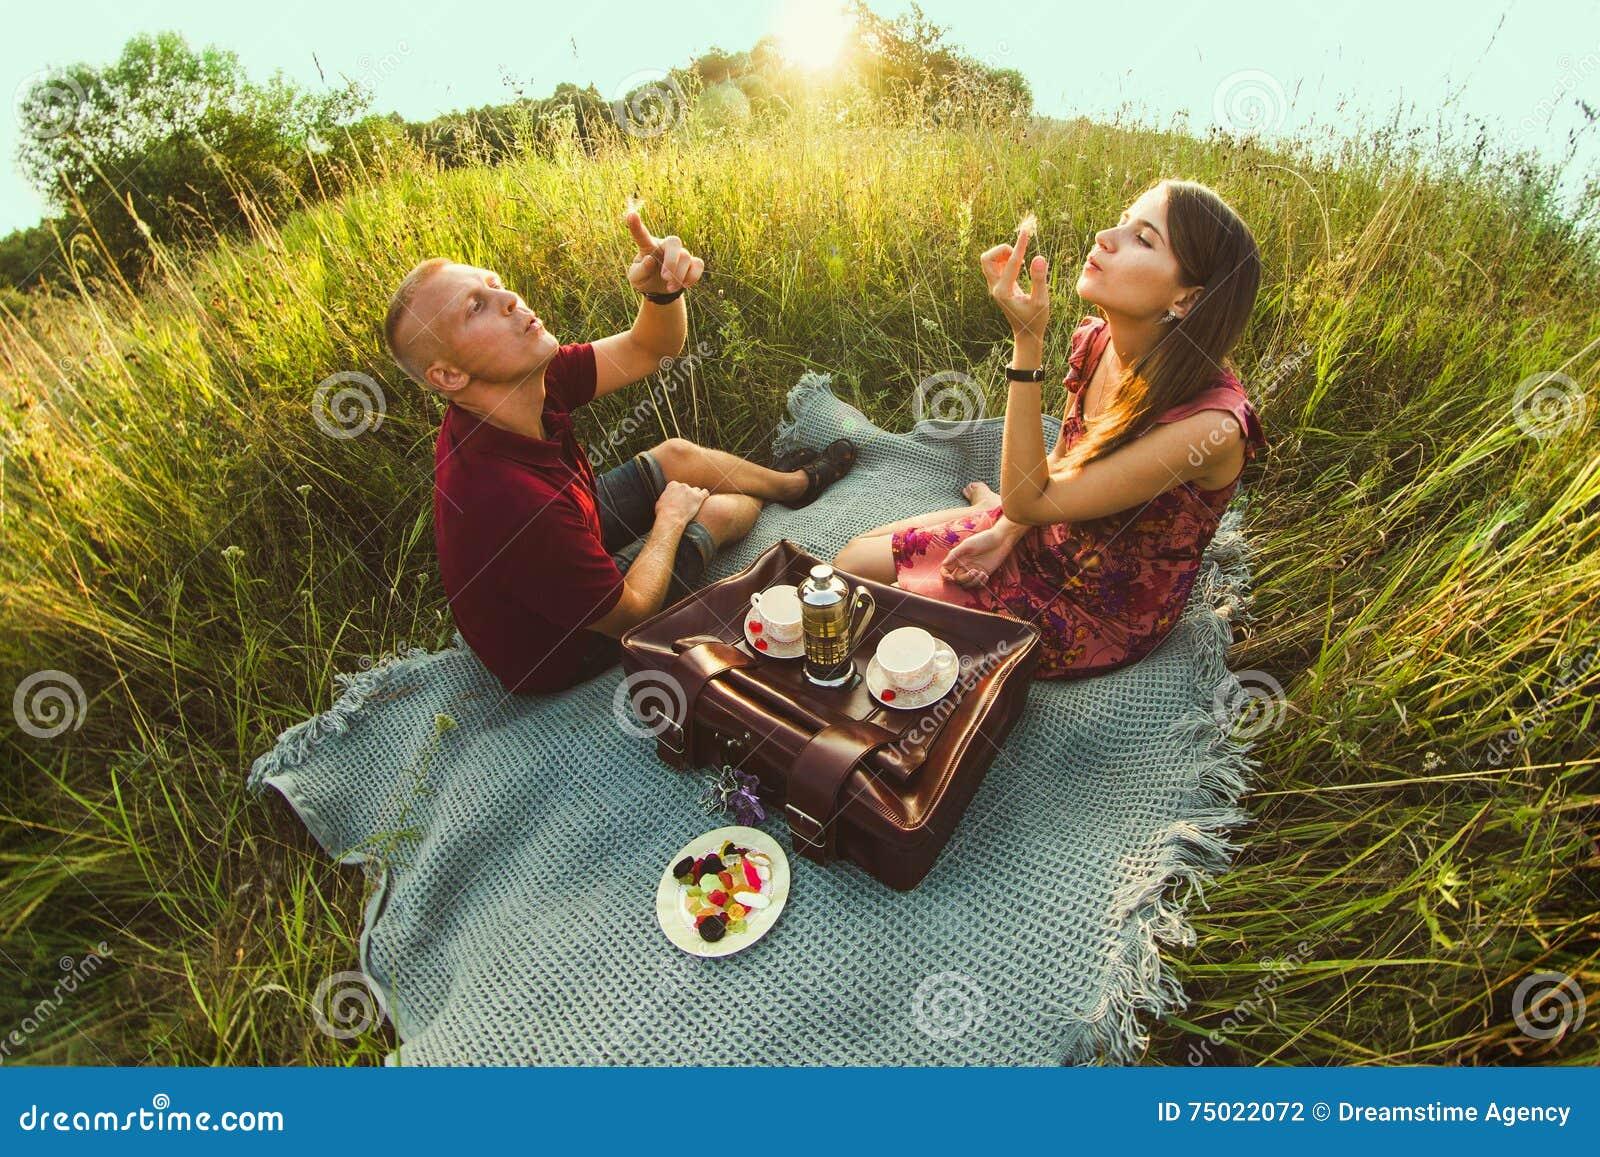 Kerl mit einem Mädchen im Sommer auf dem Gras